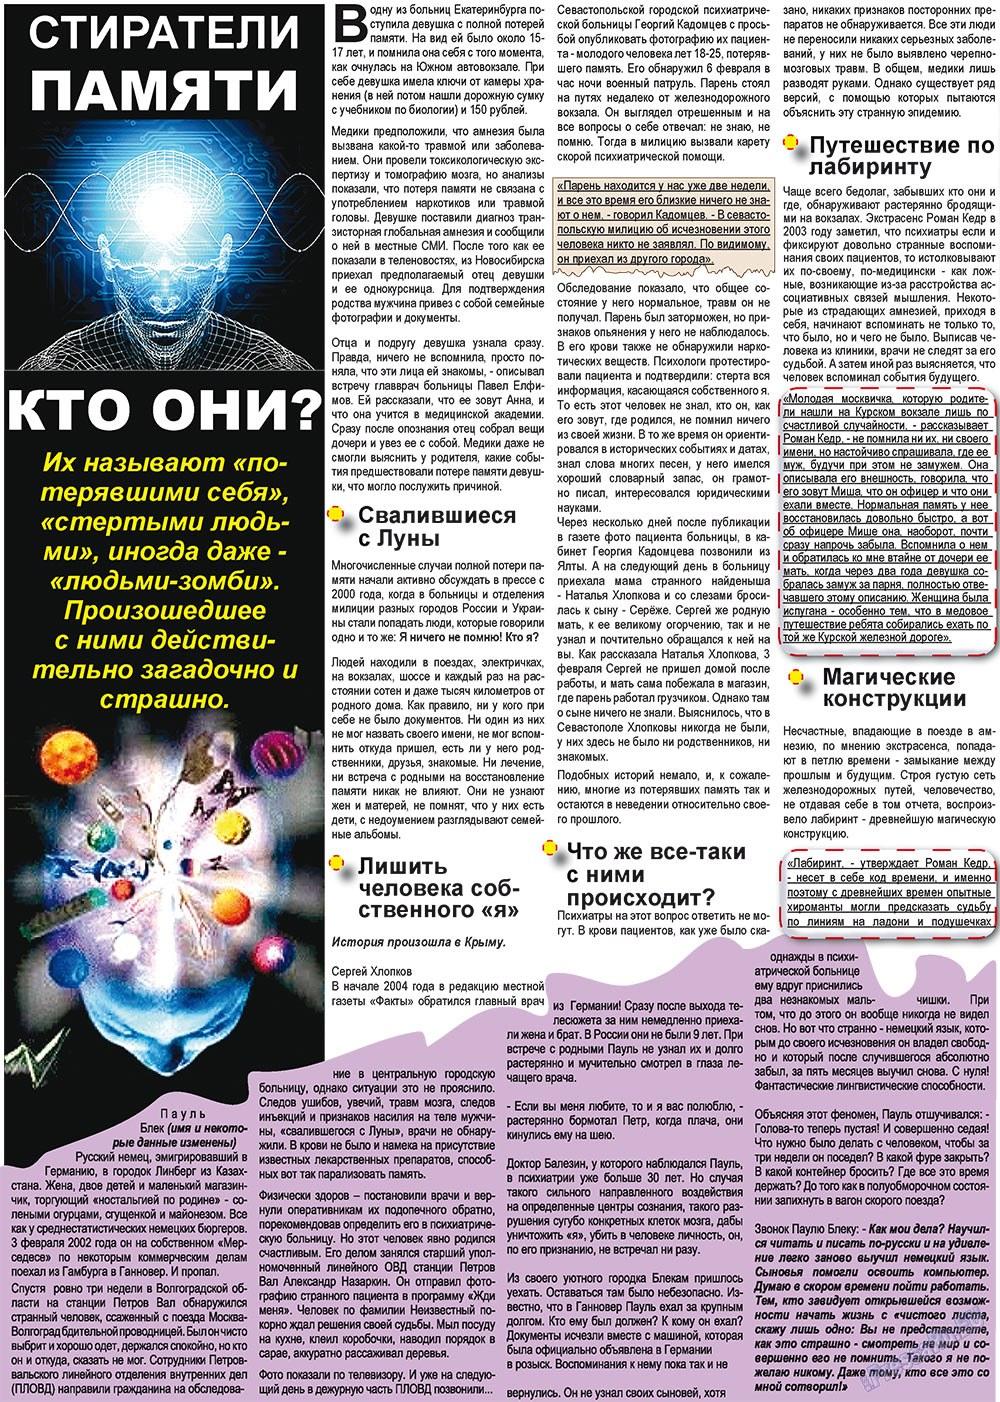 Все pro все (газета). 2012 год, номер 9, стр. 22